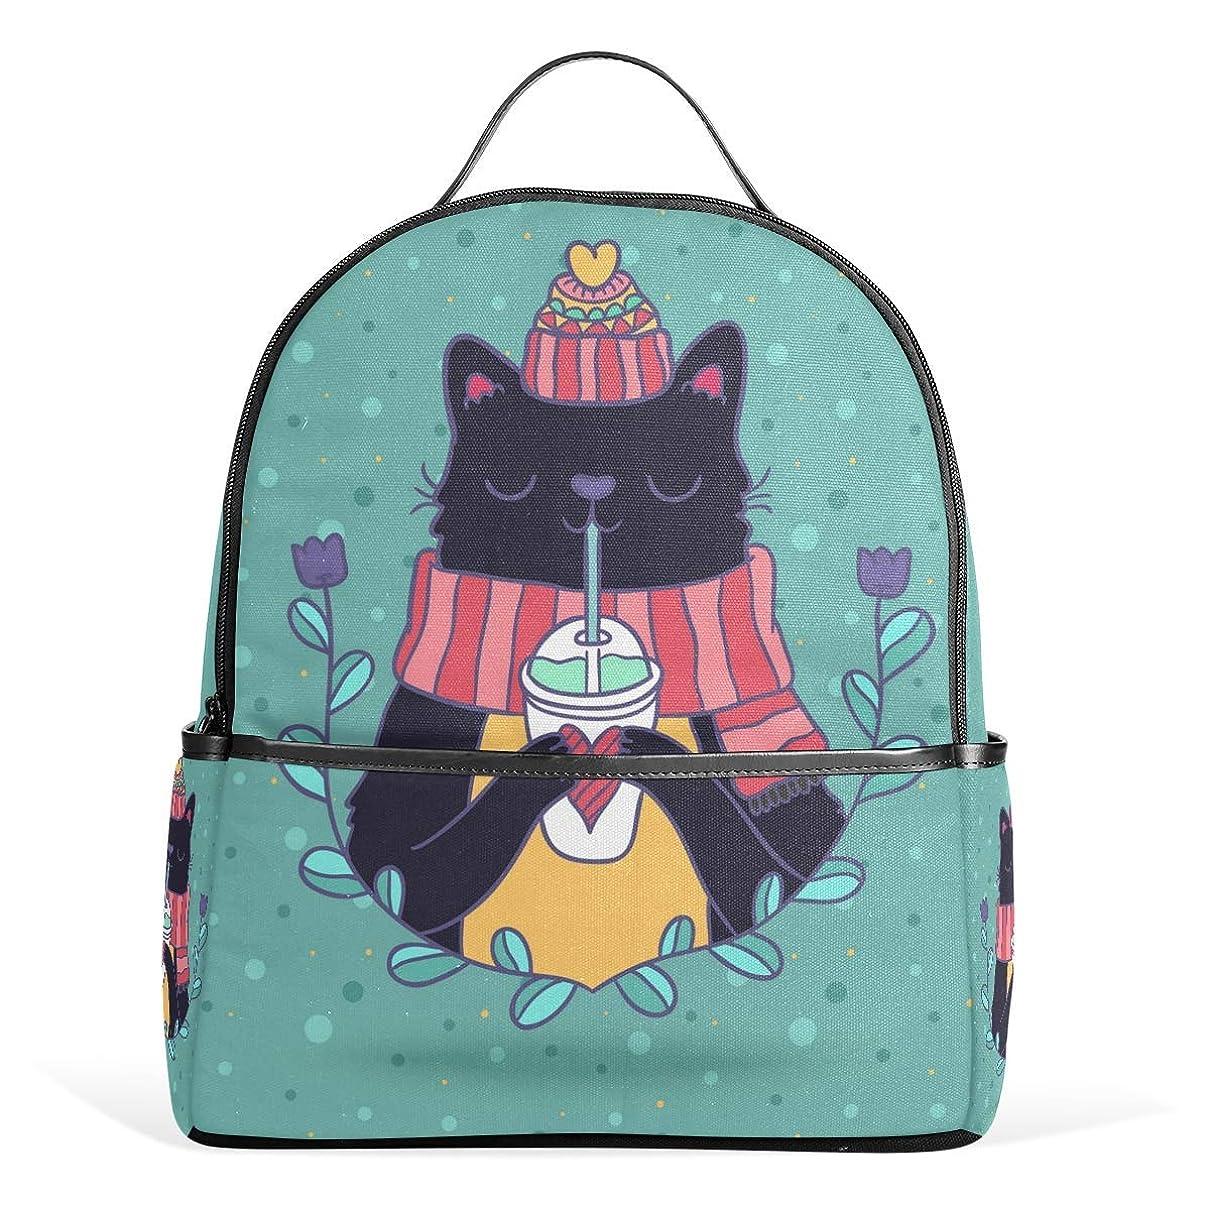 お湿気の多い心臓VAMIX リュックサック バッグ 男女兼用 メンズ レディース 通勤 通学 大容量 プレゼント ギフト 猫柄 可愛い猫 葉模様